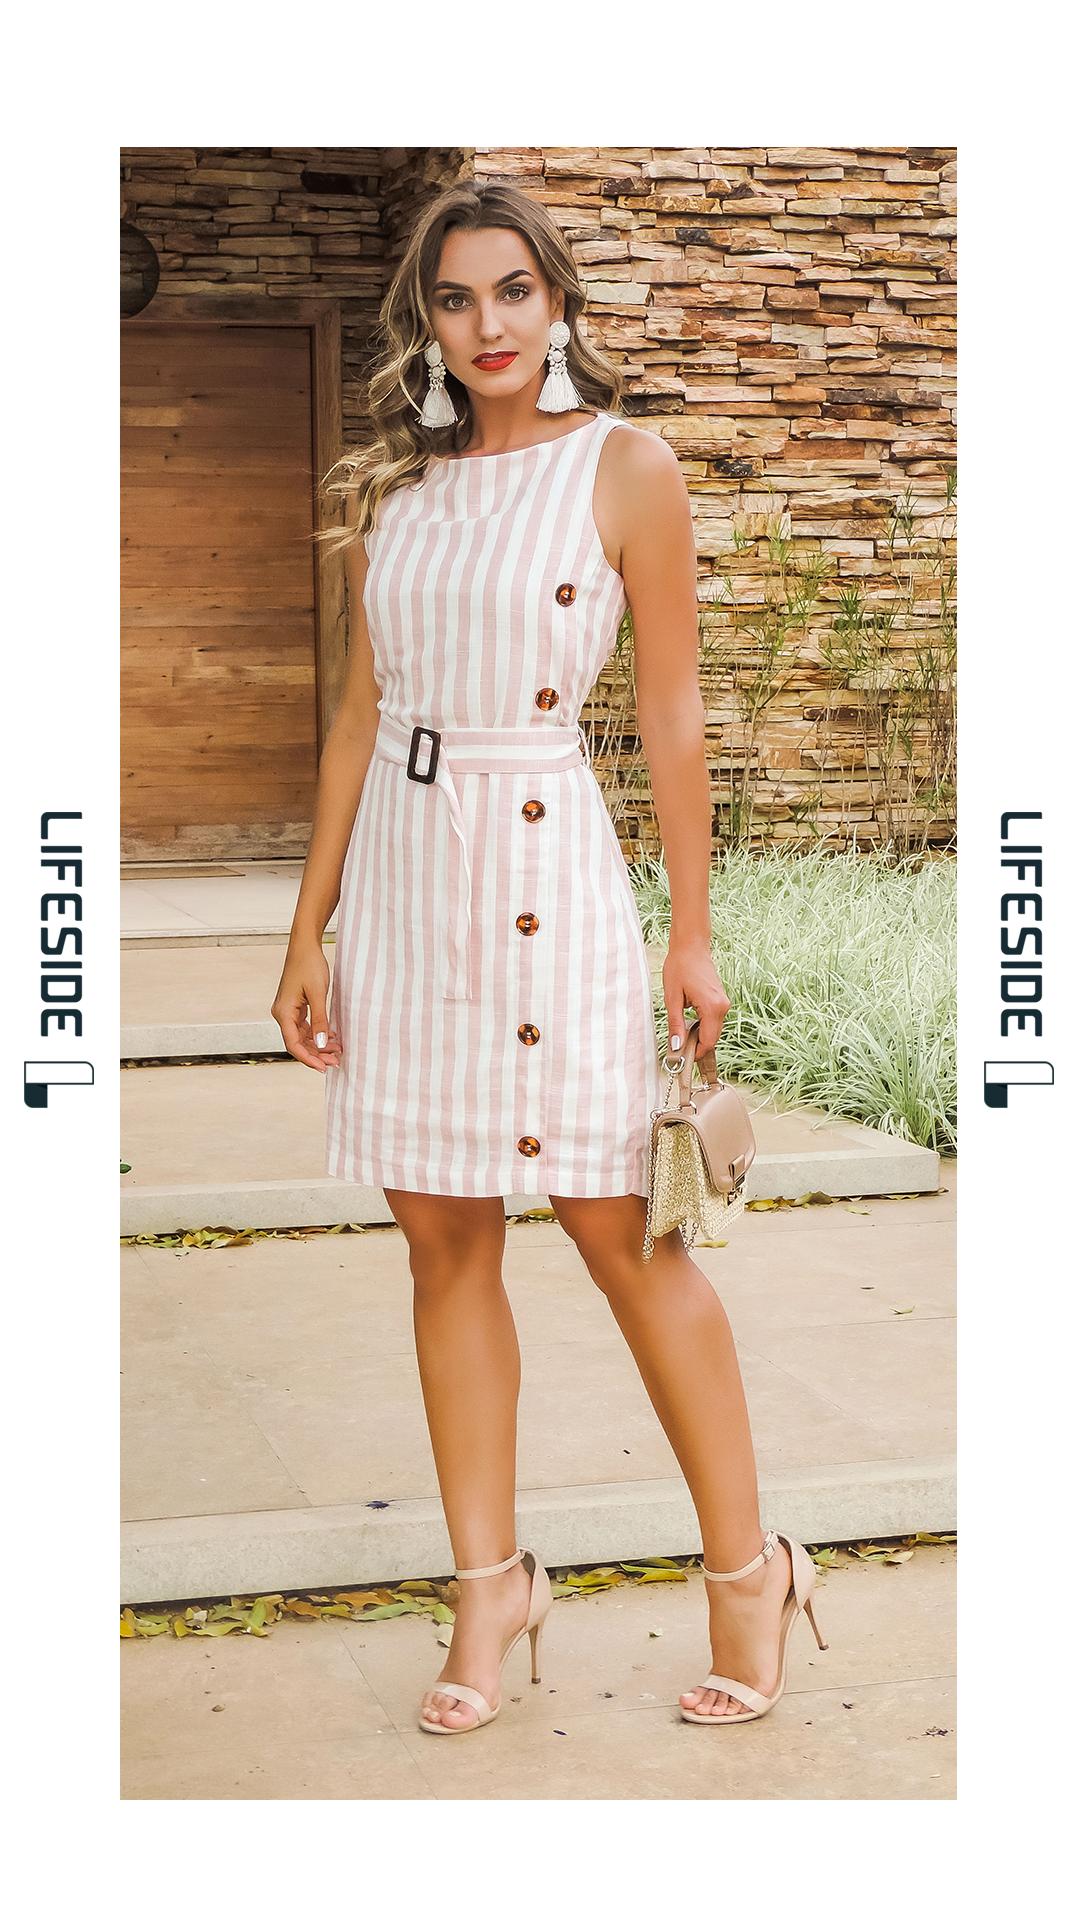 6bf159946 LIFESIDE | Moda Feminina Primavera 2019. Vestido em linho listrado. Detalhe  da fivela e botões tartaruga. #Fashion #ModaFeminina #LookDoDia #Looks ...